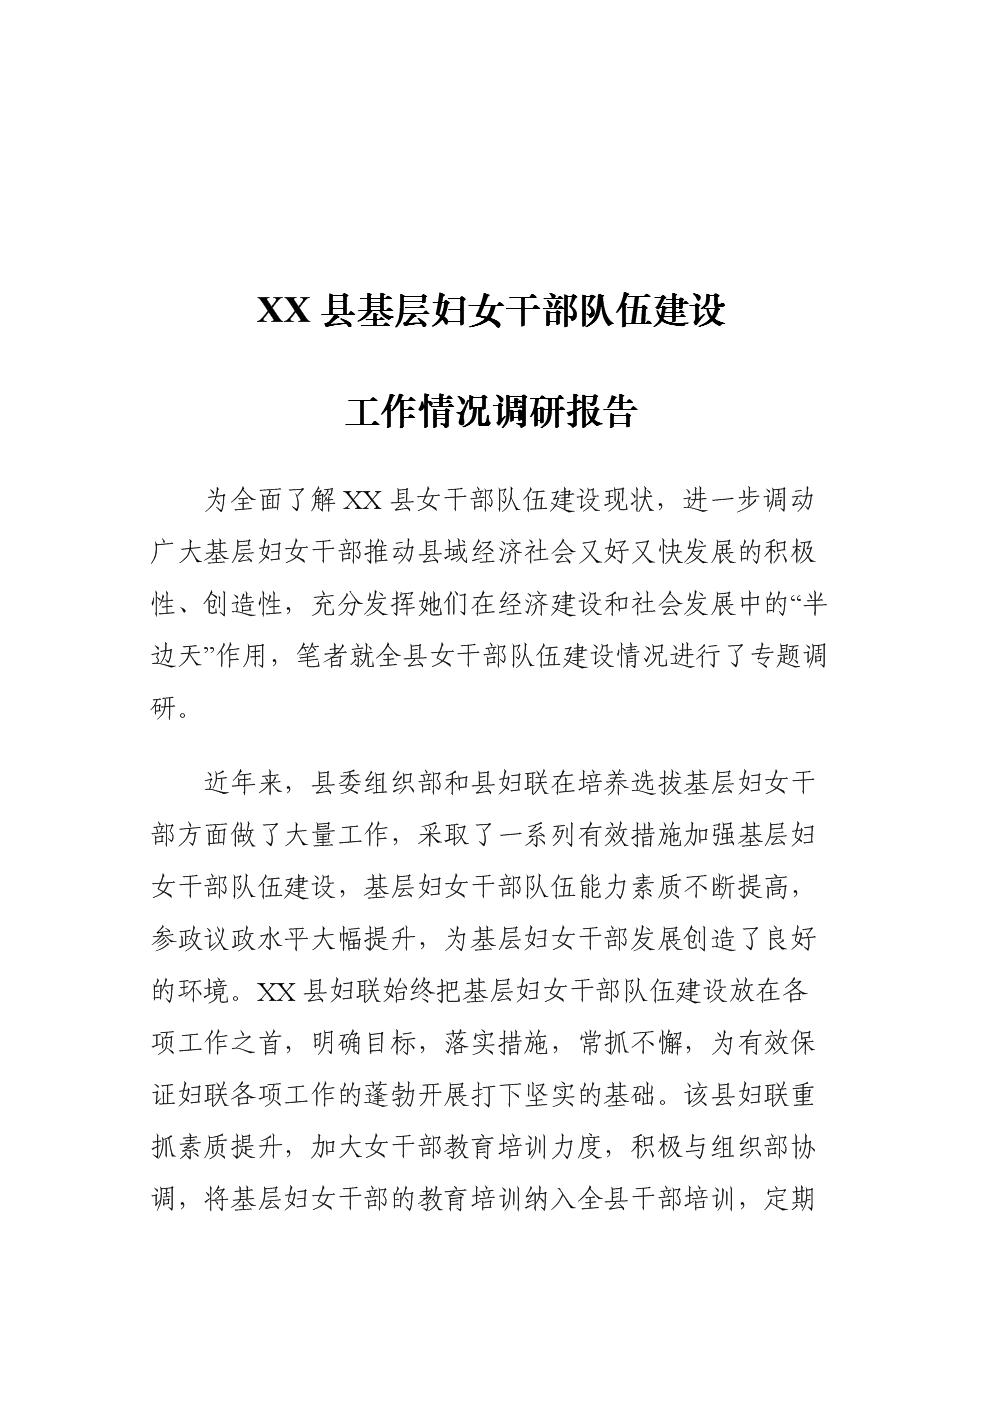 XX县基层妇女干部队伍建设工作情况调研报告.docx